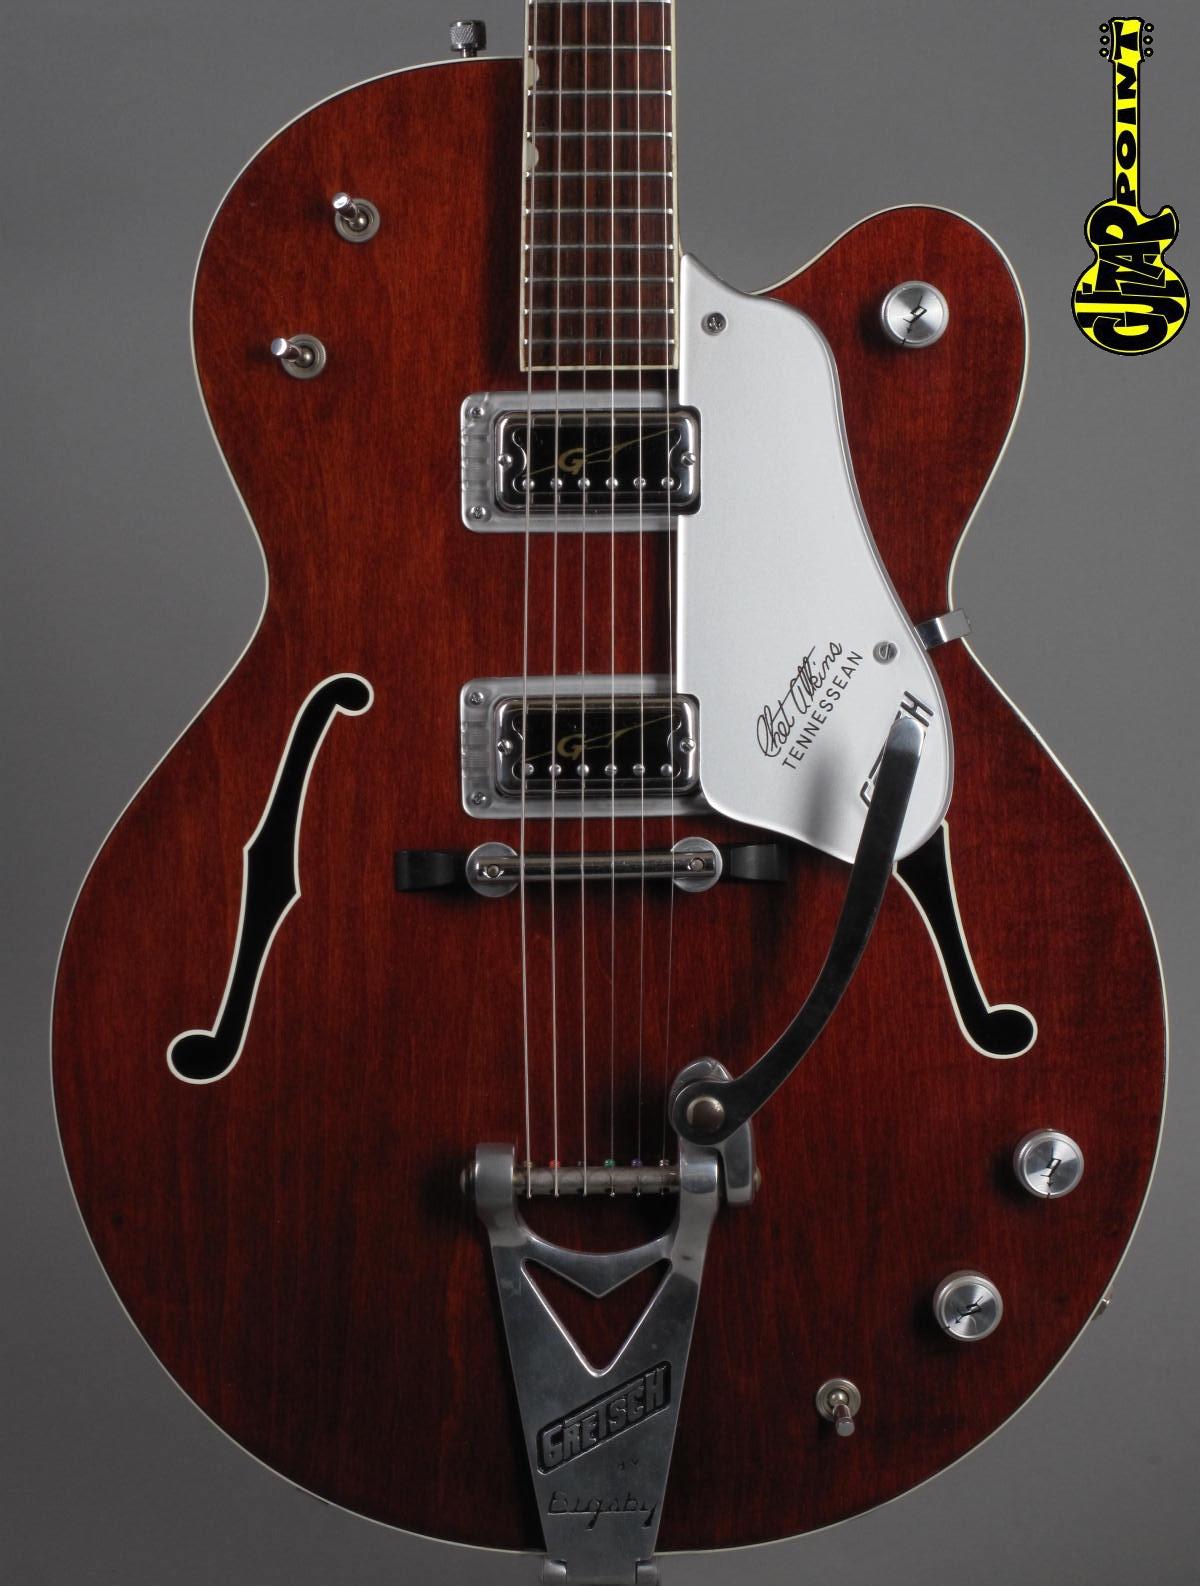 1967 Gretsch 6119 Chet Atkins Tennessean